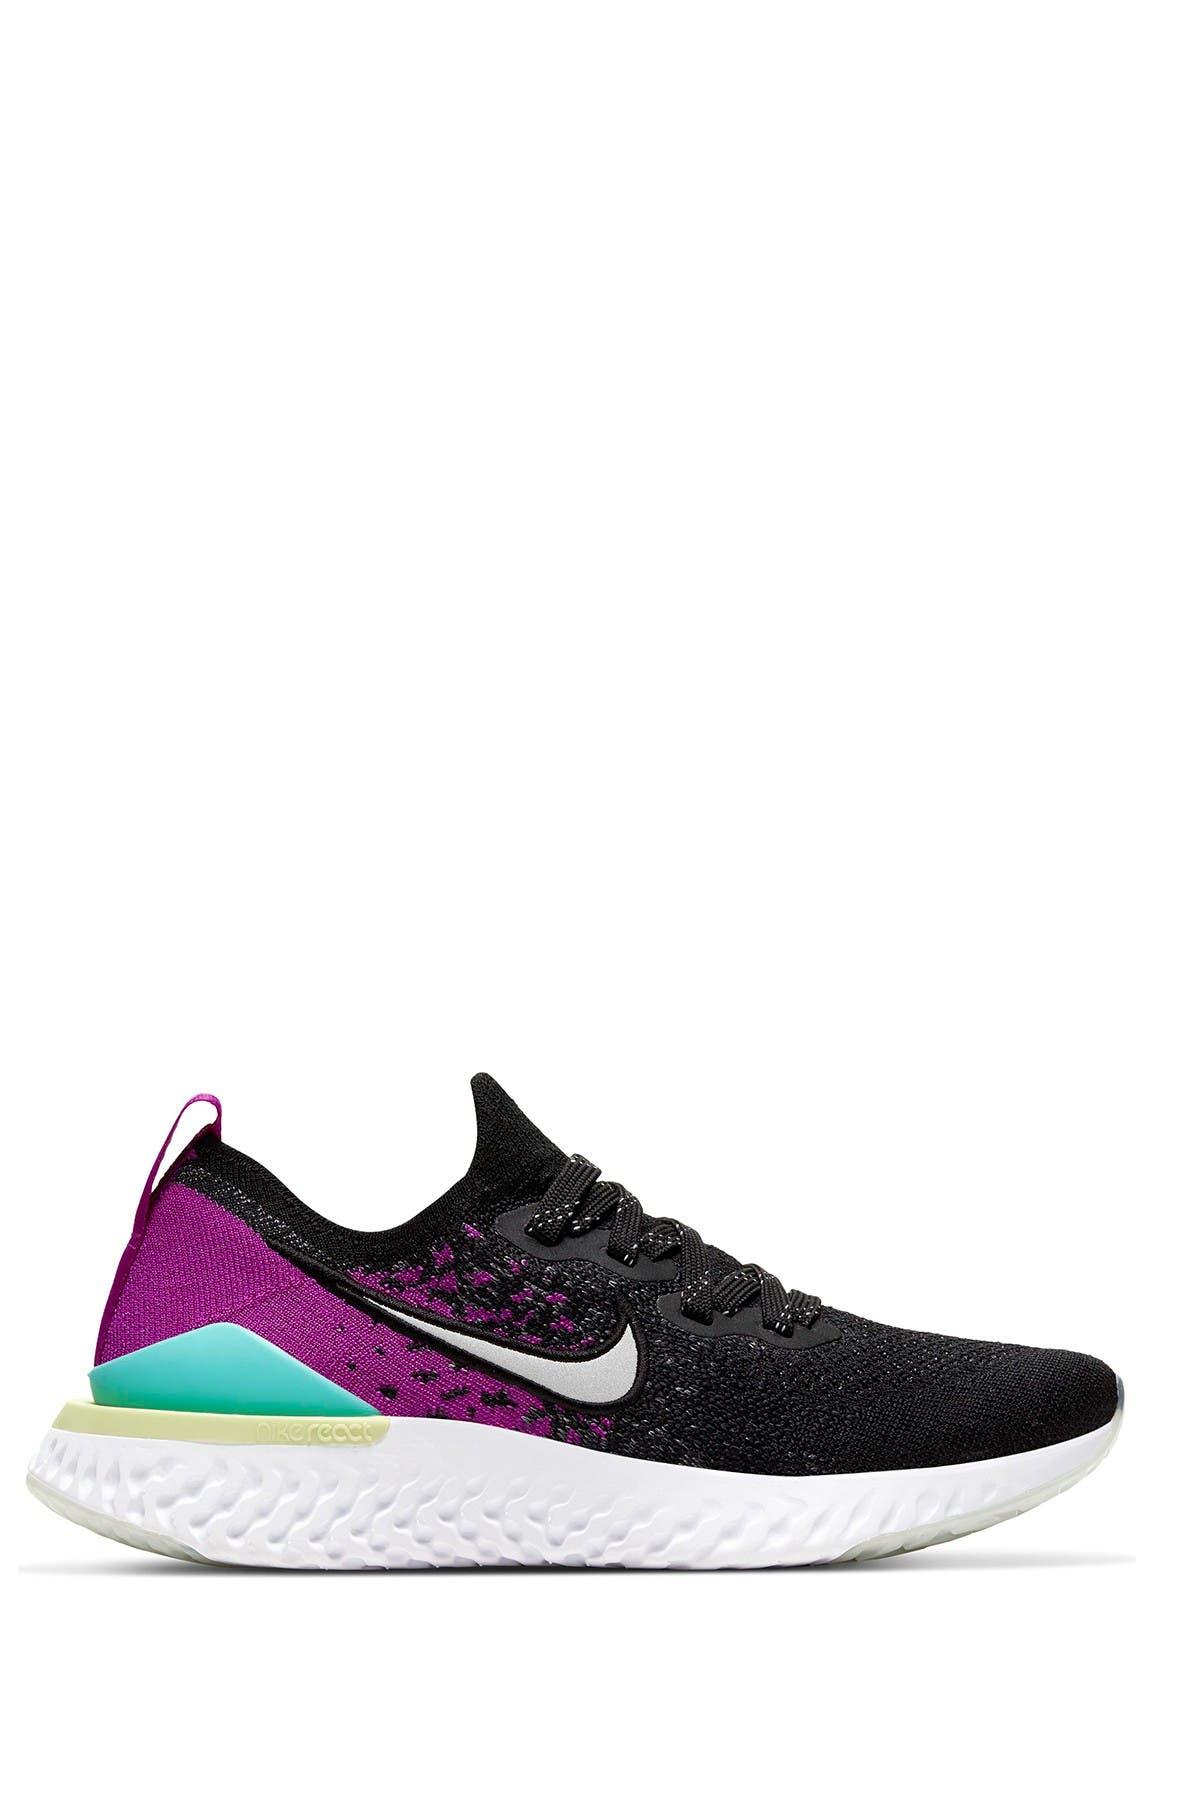 Nike | Epic React FlyKnit 2 Sneaker